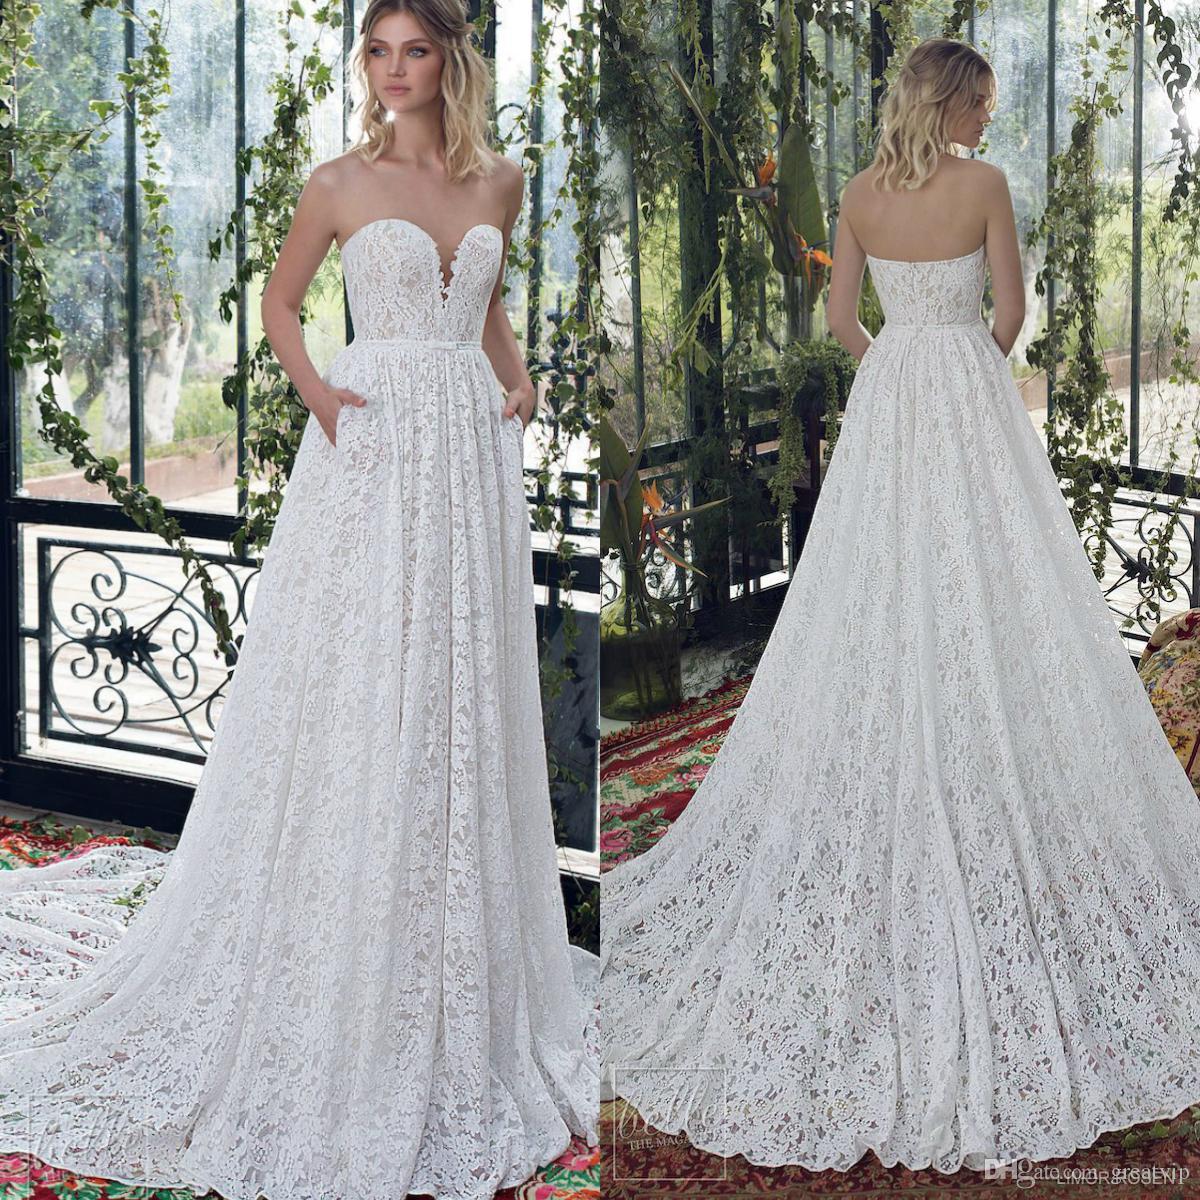 Limor Rosen 2019 una línea de vestidos de novia cariño de encaje sin mangas barrido tren vestidos de novia boho playa bohemia más tamaño vestido de novia